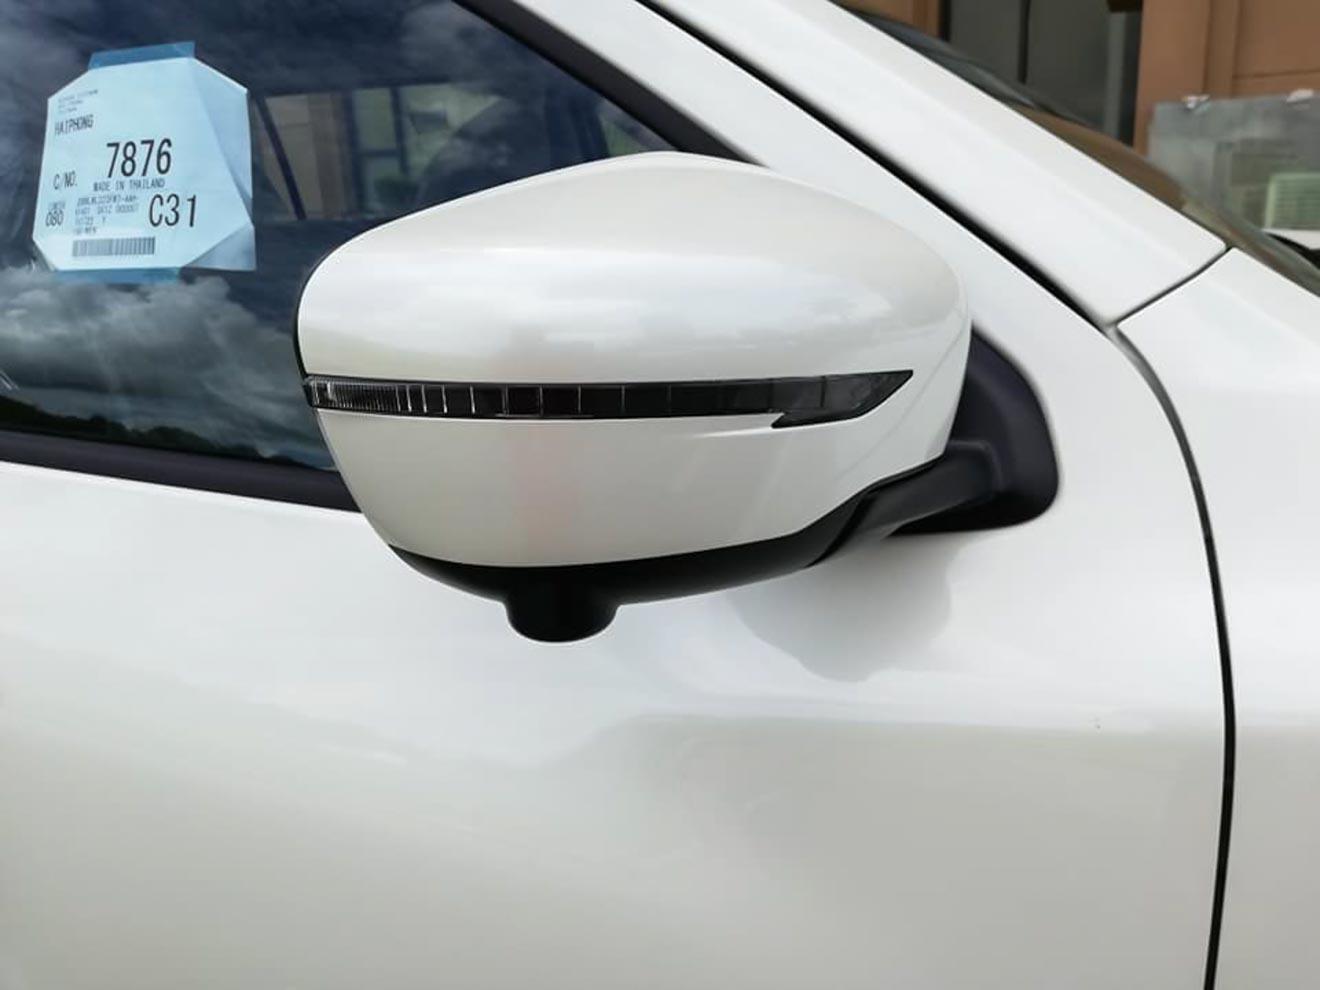 Lộ ảnh thực tế và giá bán Nissan Terra tại Việt Nam - 8